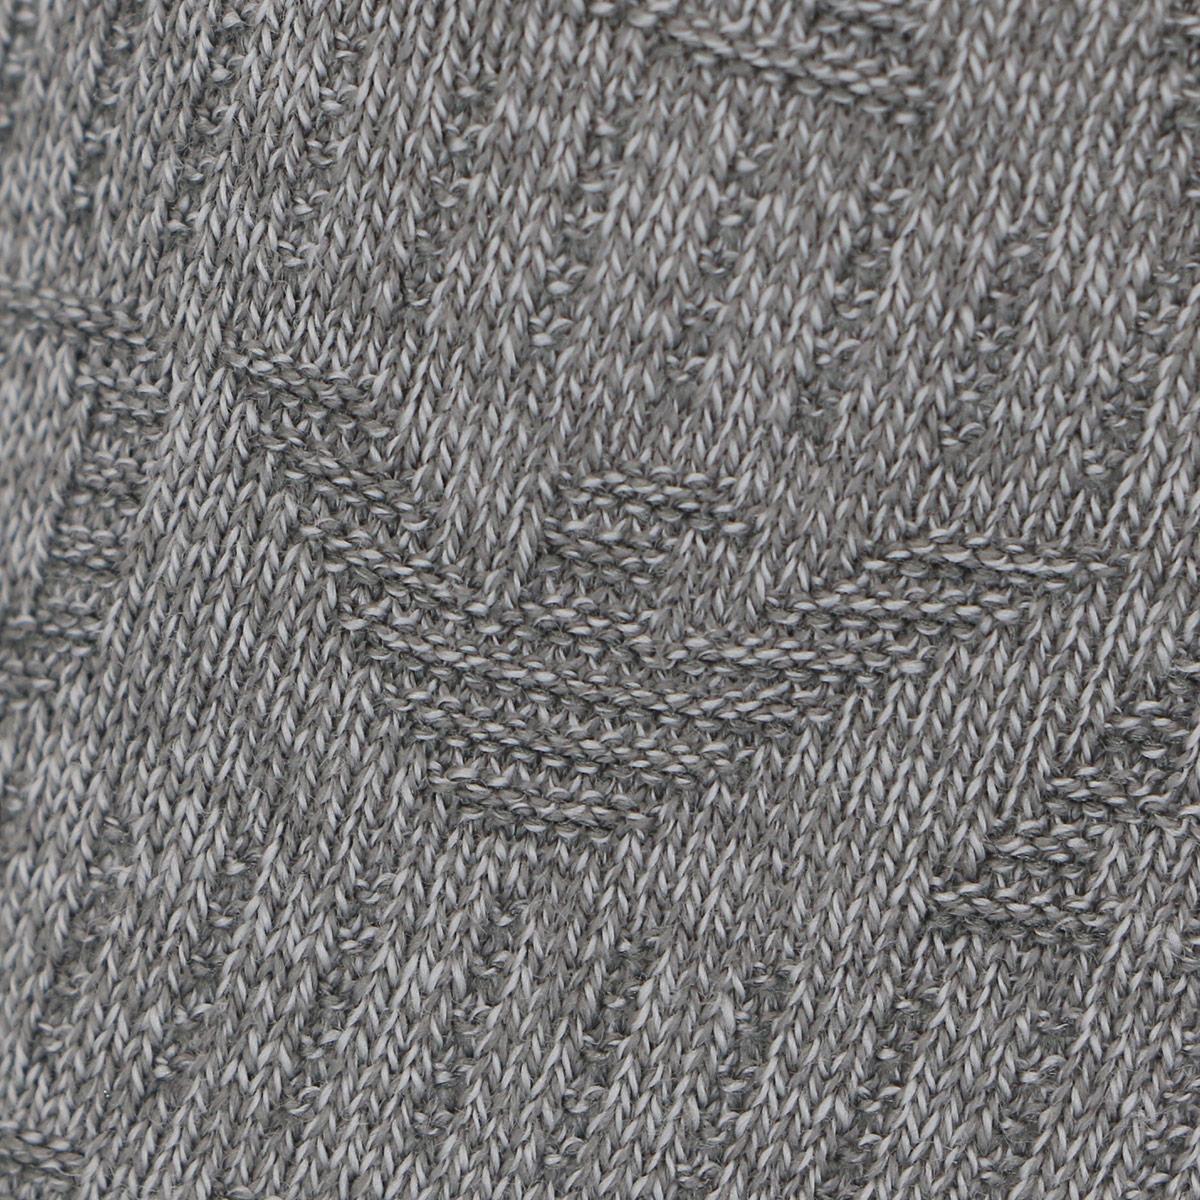 EMPORIO ARMANI ( エンポリオ アルマーニ ) 綿混 メンズ 男性 ソックス 靴下 EAロゴリンクス柄 クルー丈 カジュアルソックス 2342-316 【ゆうパケット・4点まで】